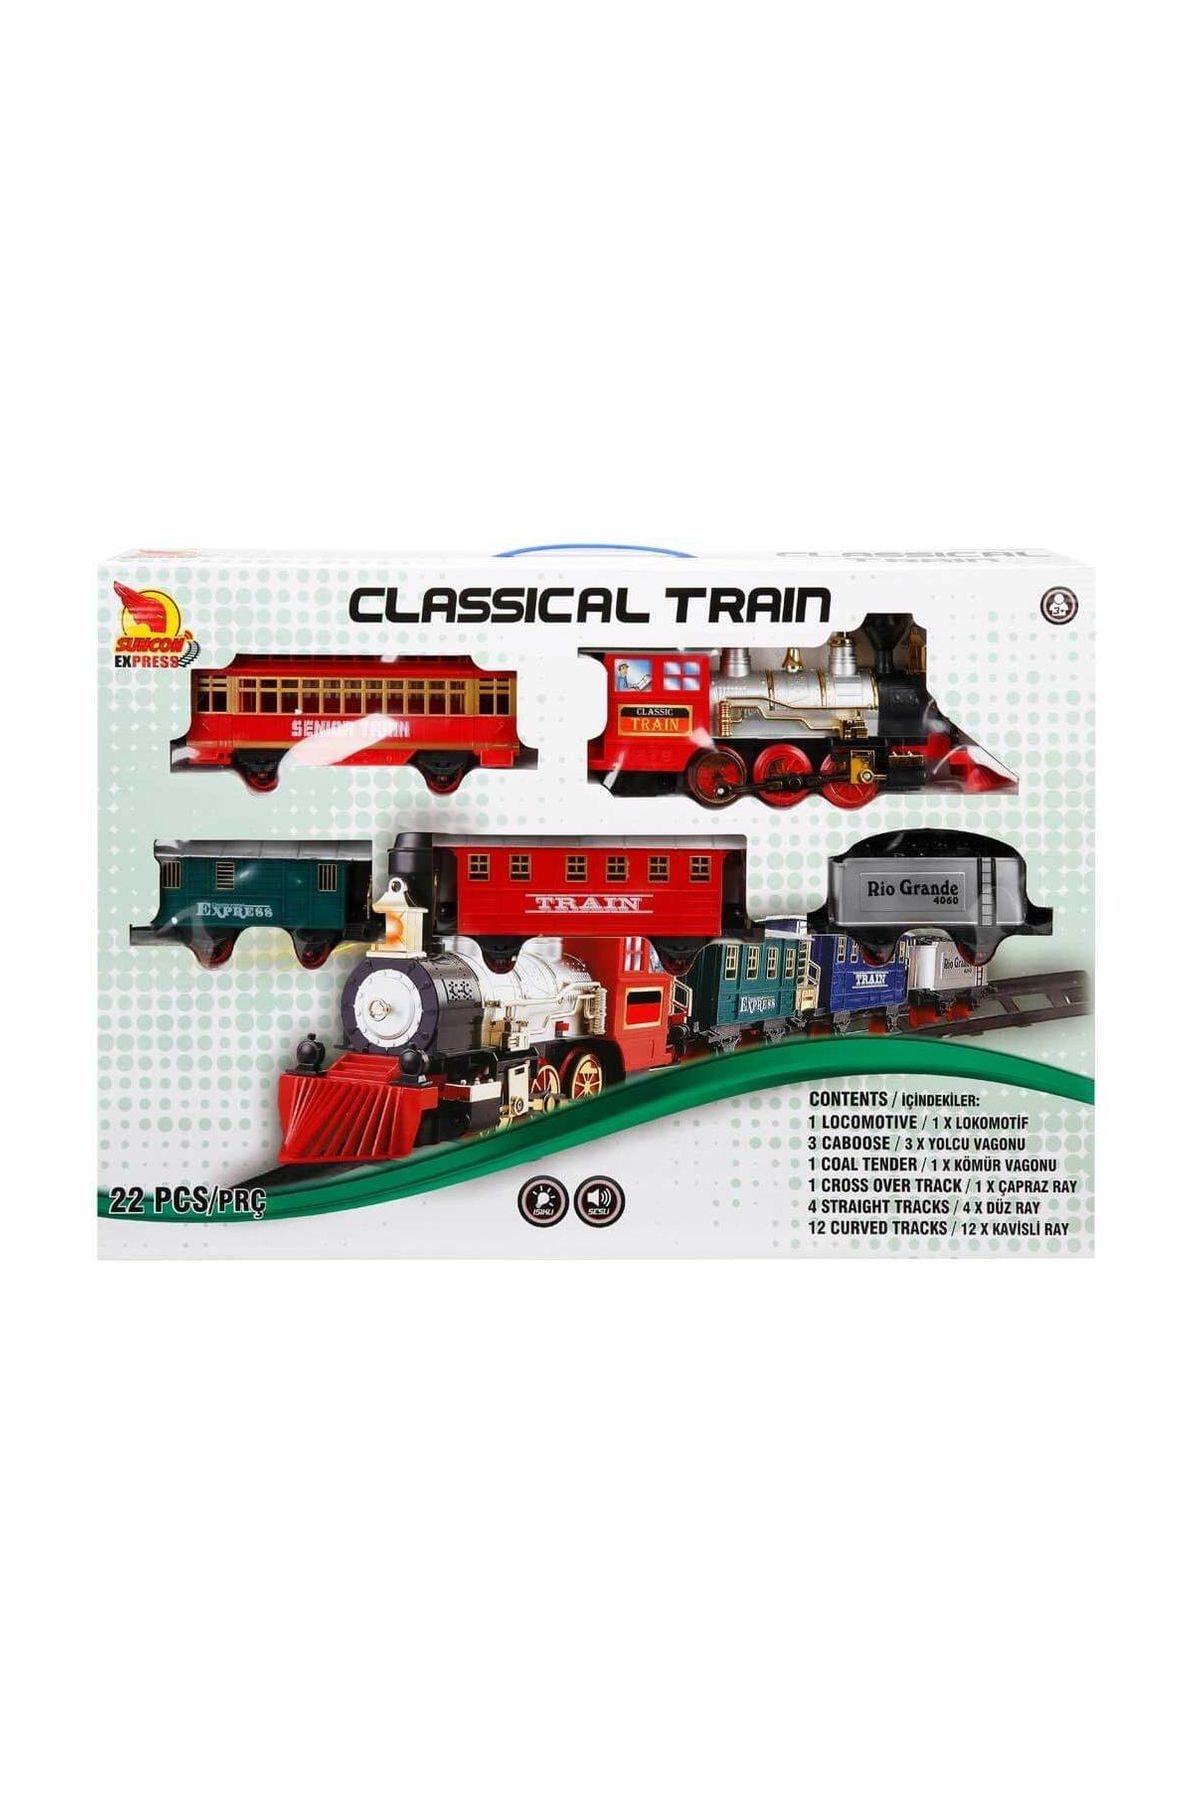 Suncon Klasik Tren Seti Sesli Ve Isikli 22 Parca S01001553 Trendyol